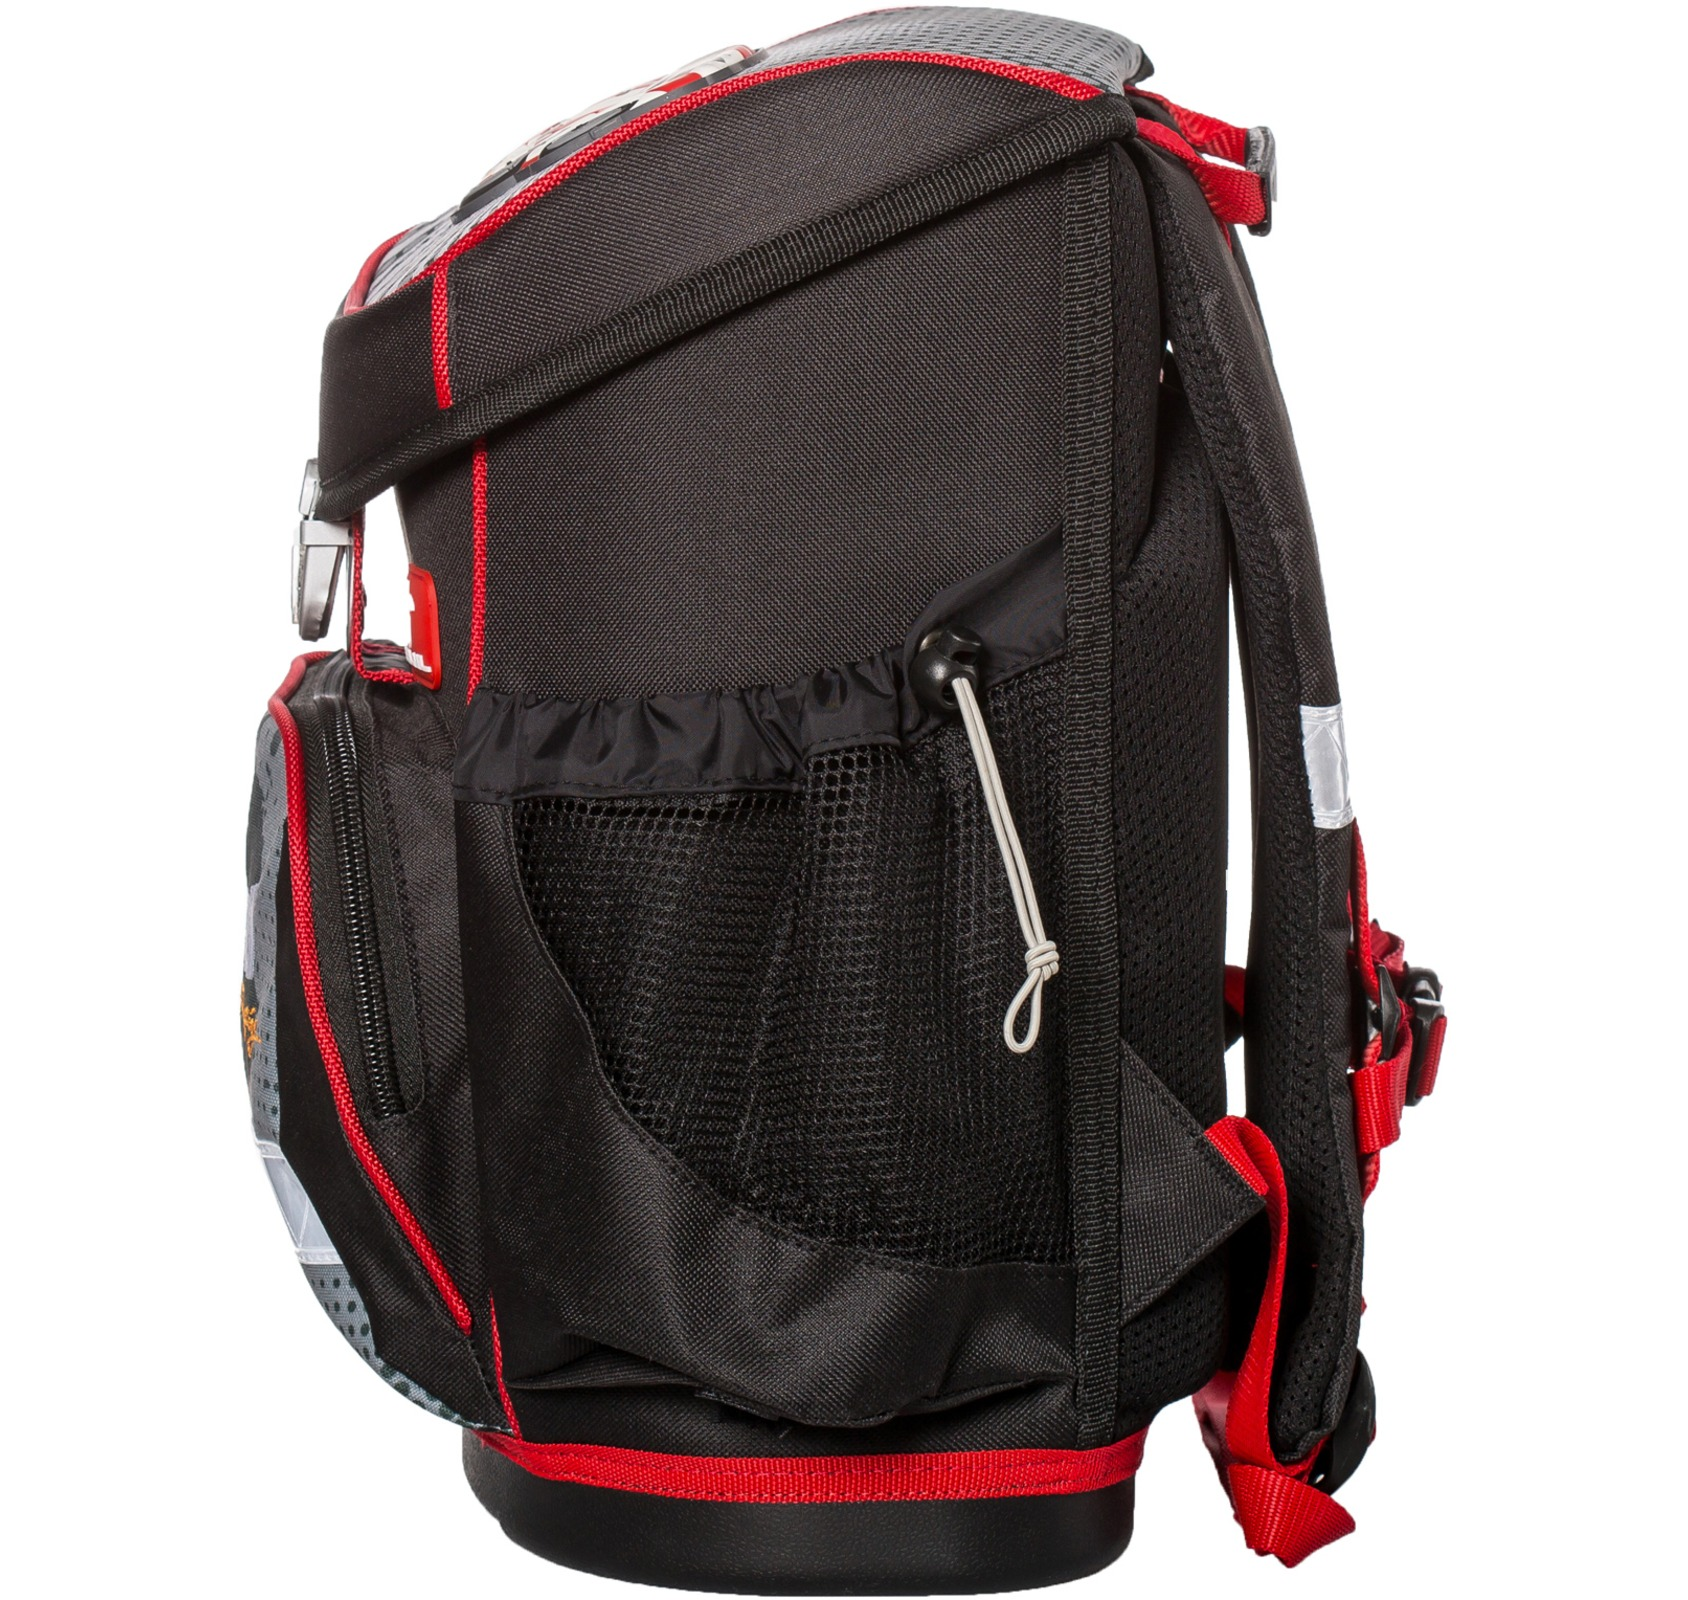 Ранец Belmil 405-33 MINI-FIT FOOTBALL + мешок и пенал + фломастеры, - фото 8